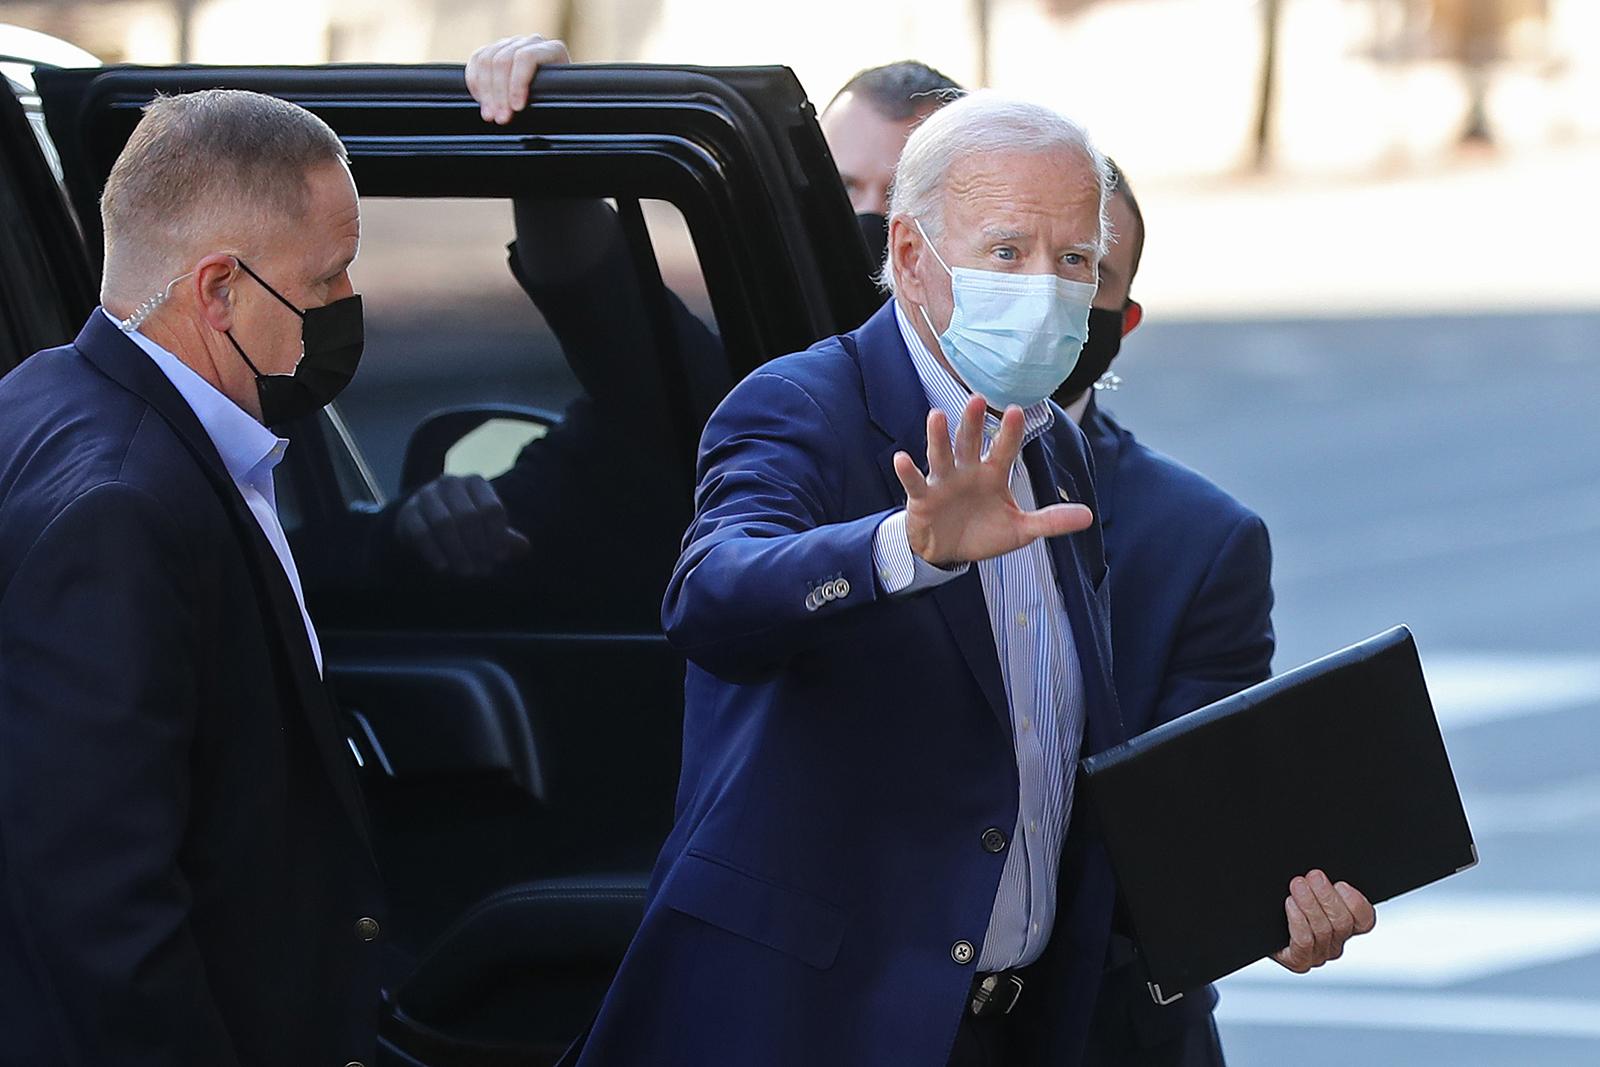 Joe Biden waves to journalists on October 3 in Wilmington, Delaware.